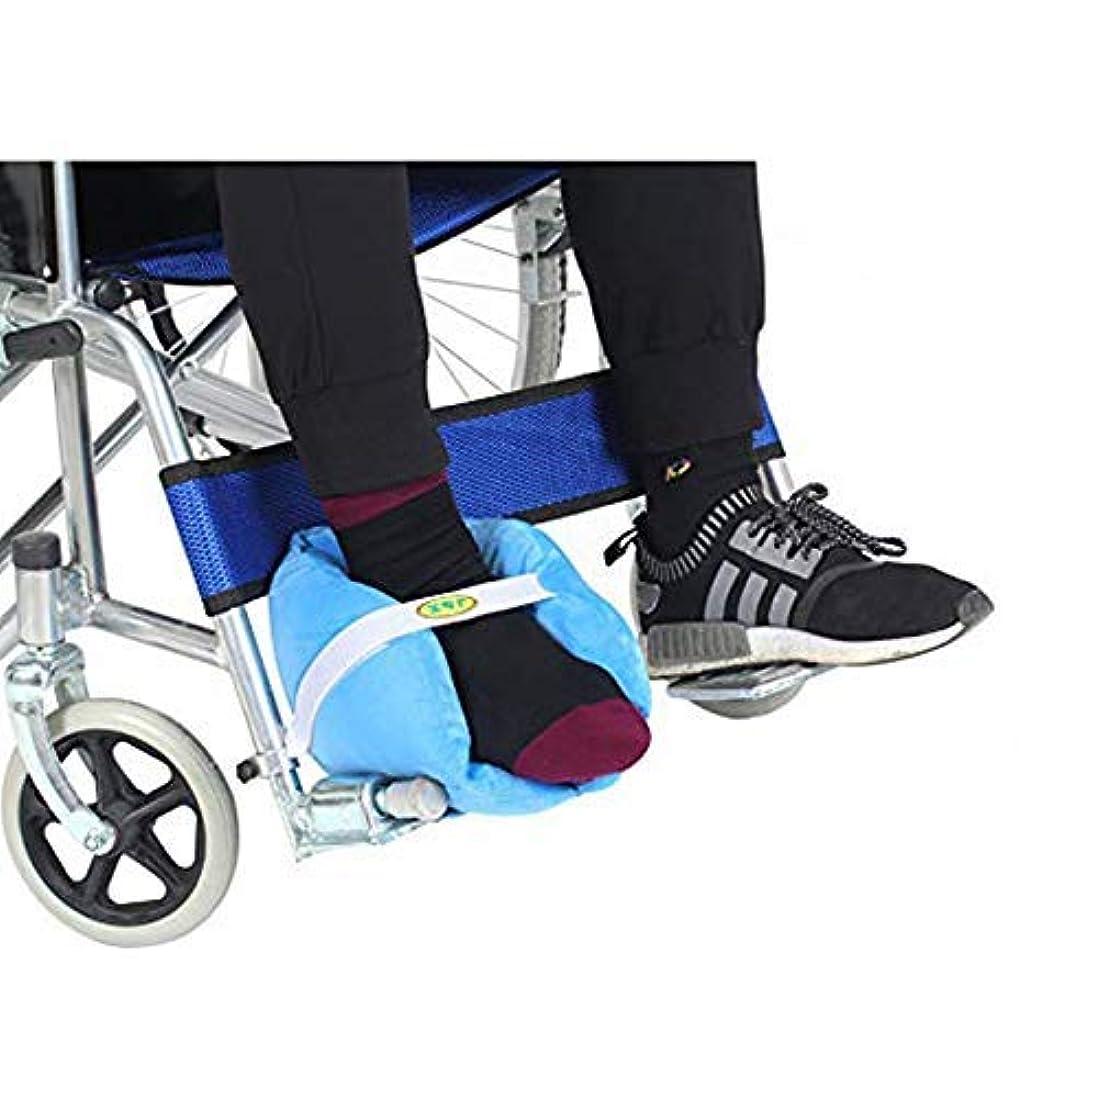 アメリカ柔らかさ投げる通気性の高い弾力性のあるスポンジを充填した褥瘡予防のためのかかと枕プロテクター臥床クッション